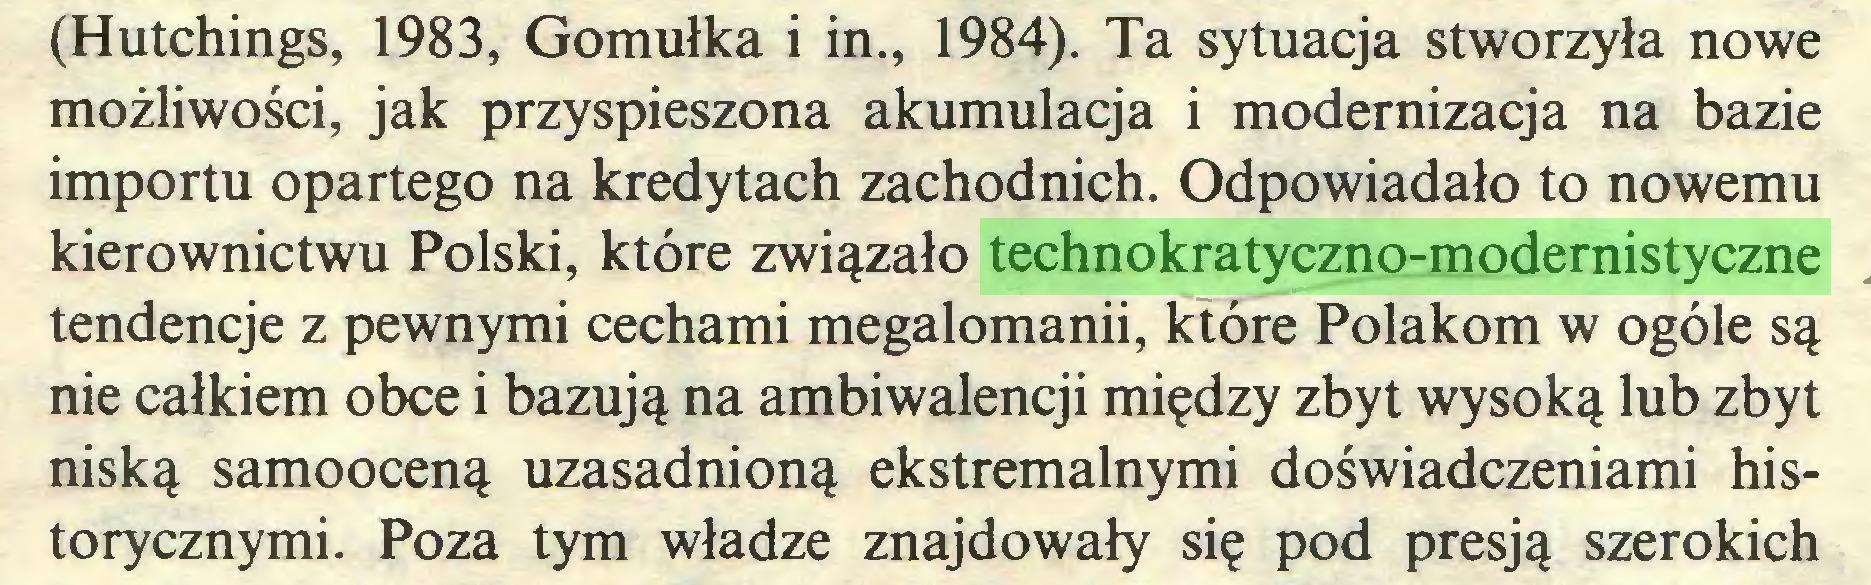 (...) (Hutchings, 1983, Gomułka i in., 1984). Ta sytuacja stworzyła nowe możliwości, jak przyspieszona akumulacja i modernizacja na bazie importu opartego na kredytach zachodnich. Odpowiadało to nowemu kierownictwu Polski, które związało technokratyczno-modernistyczne tendencje z pewnymi cechami megalomanii, które Polakom w ogóle są nie całkiem obce i bazują na ambiWalencji między zbyt wysoką lub zbyt niską samooceną uzasadnioną ekstremalnymi doświadczeniami historycznymi. Poza tym władze znajdowały się pod presją szerokich...